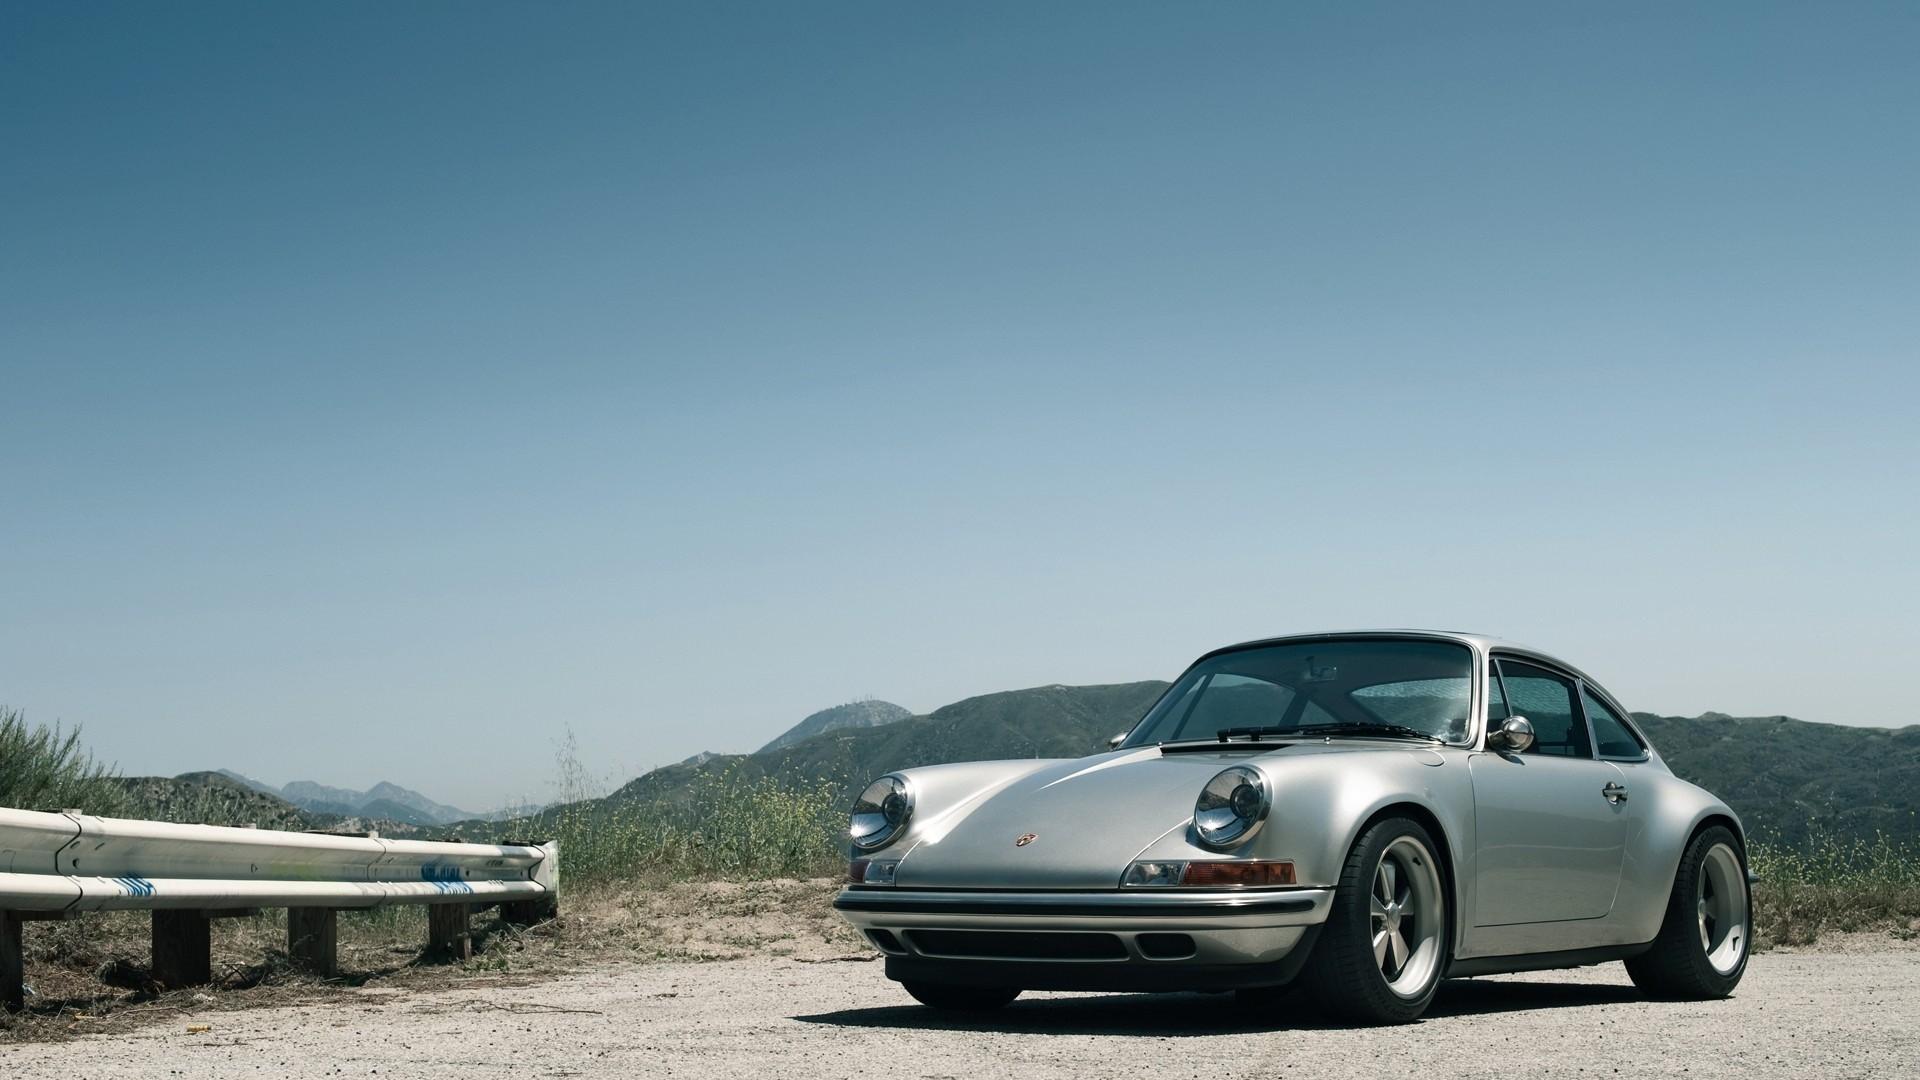 Porsche 911 Sport Classic Wallpaper: [50+] Classic Porsche Wallpaper On WallpaperSafari